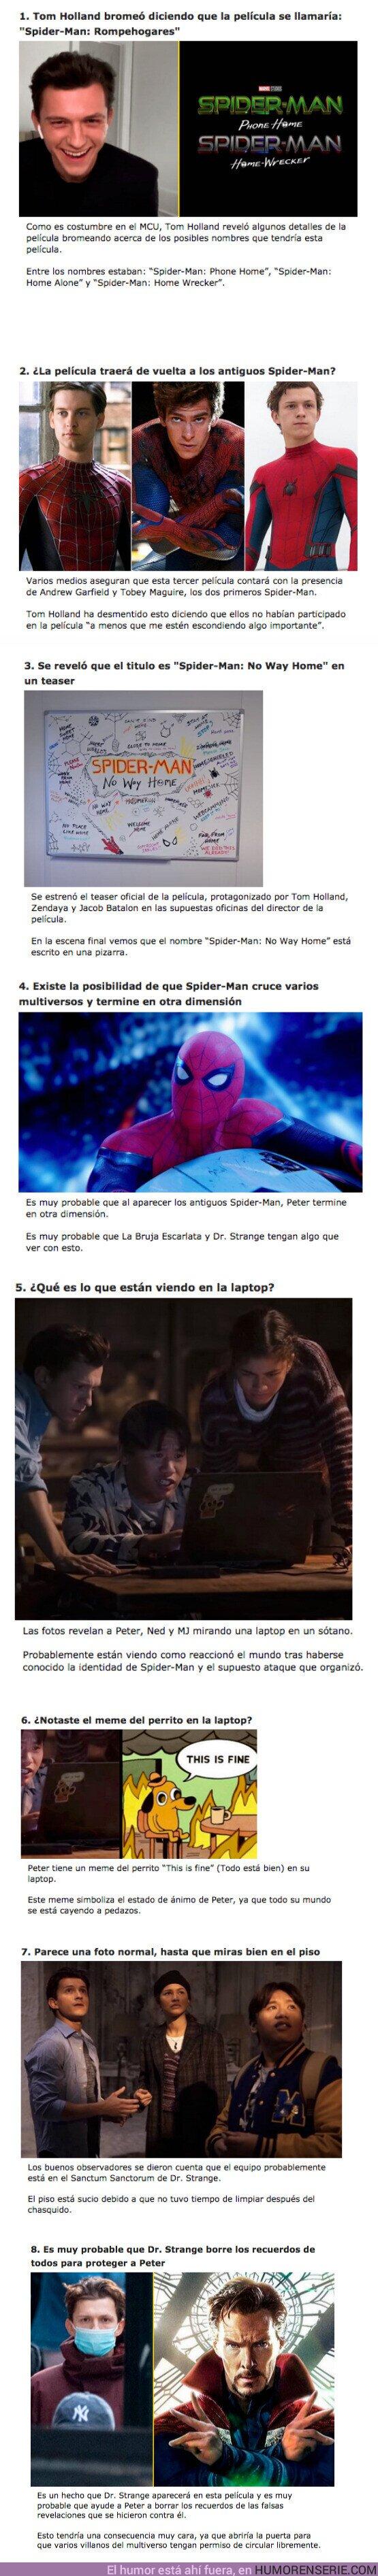 """67491 - GALERÍA: 8 Curiosidades sobre la futura película """"Spider-Man: No Way Home"""""""